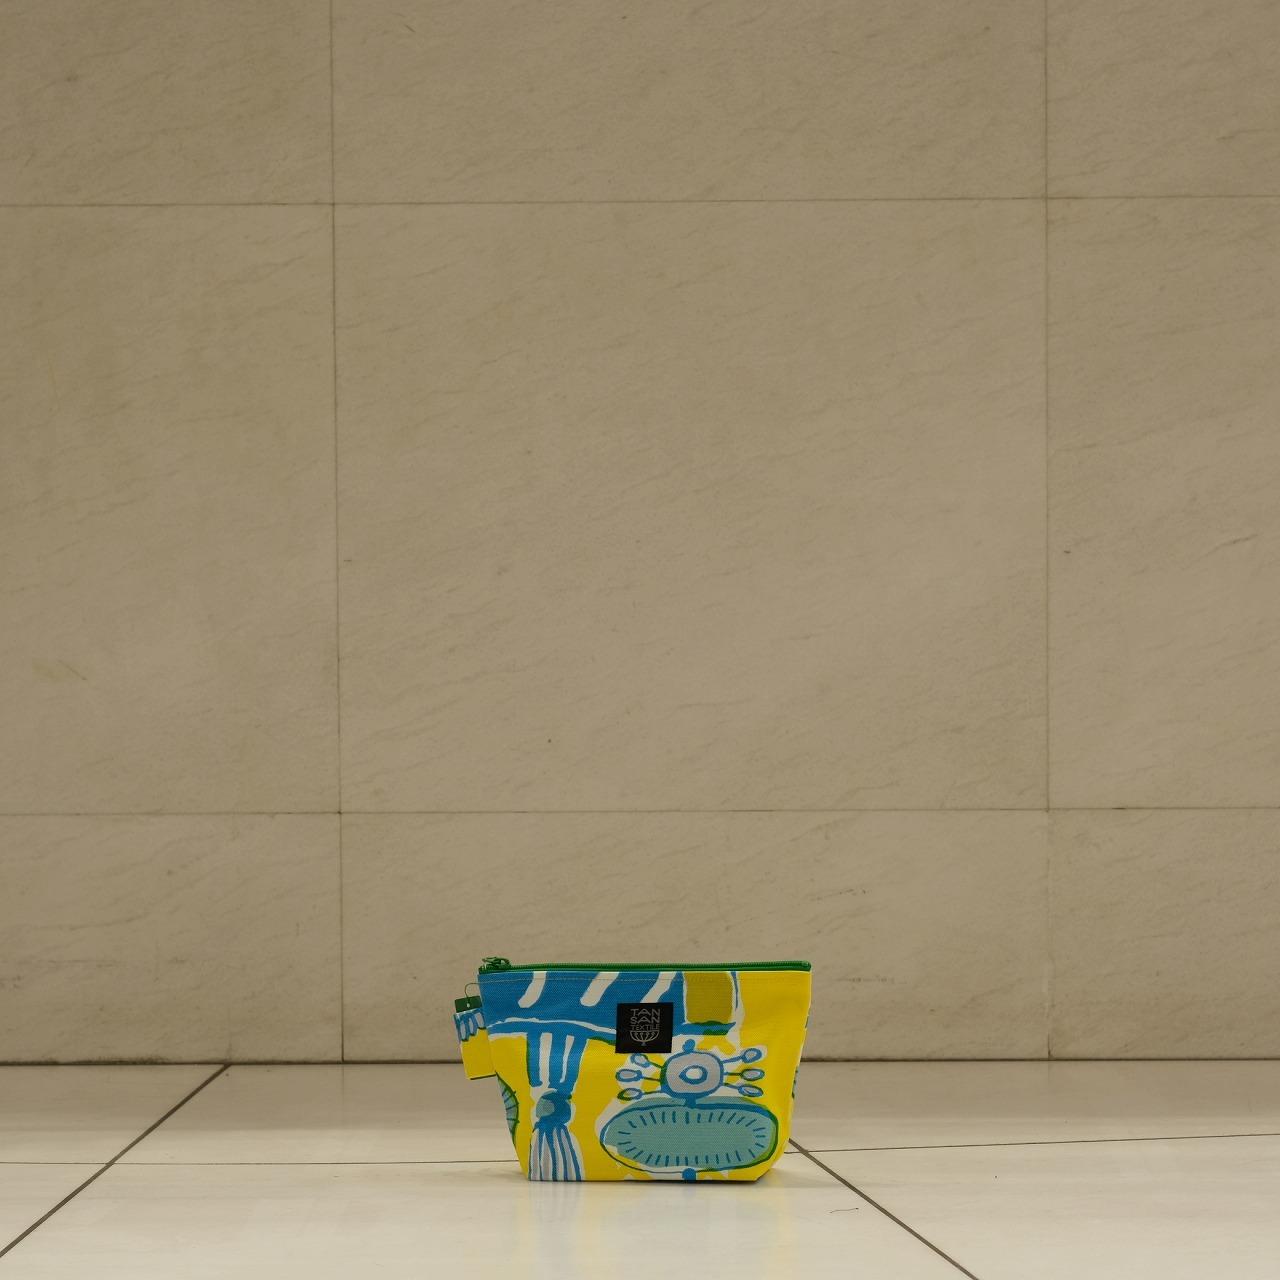 炭酸デザイン室 オンライン展示会 マチポーチM_d0182409_16595352.jpg